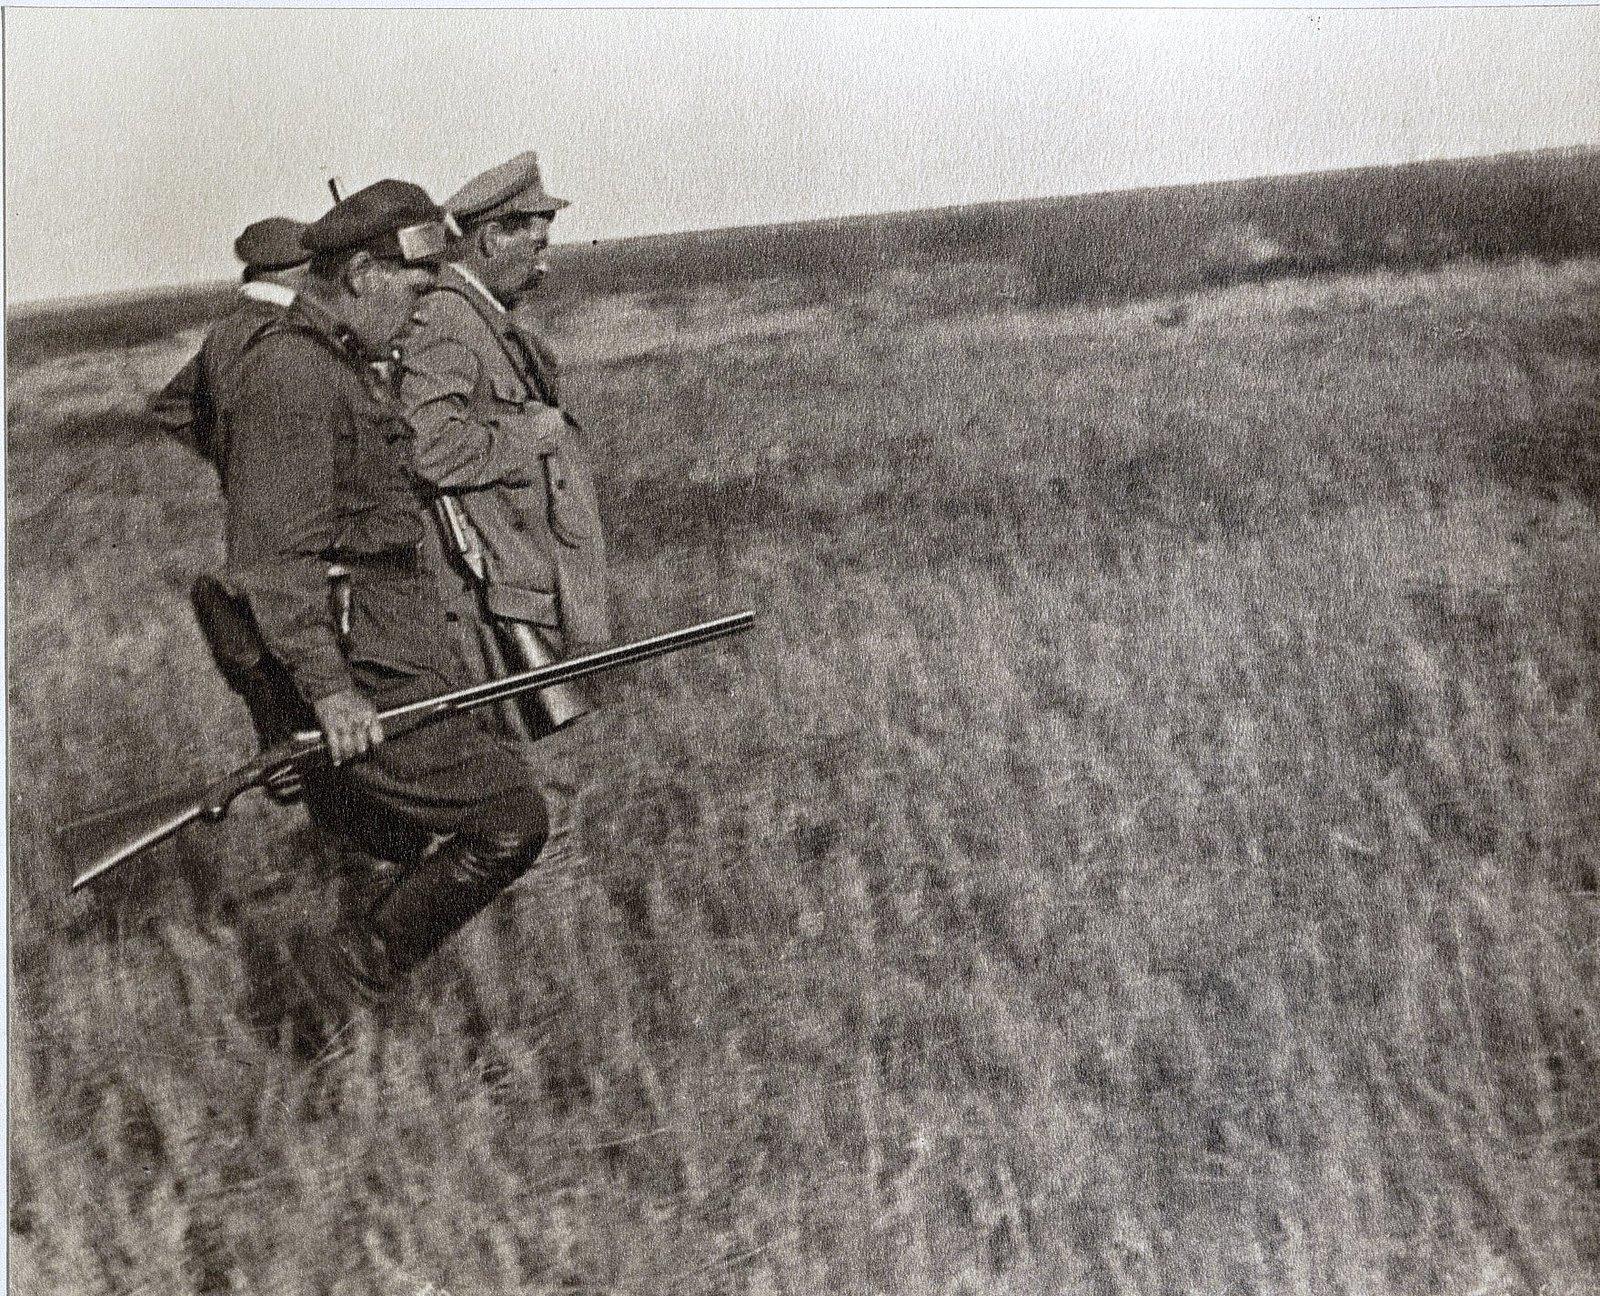 52. И.В. Сталин, К.Е. Ворошилов, сотрудник охраны на охоте в Сальских степях. Август 1933